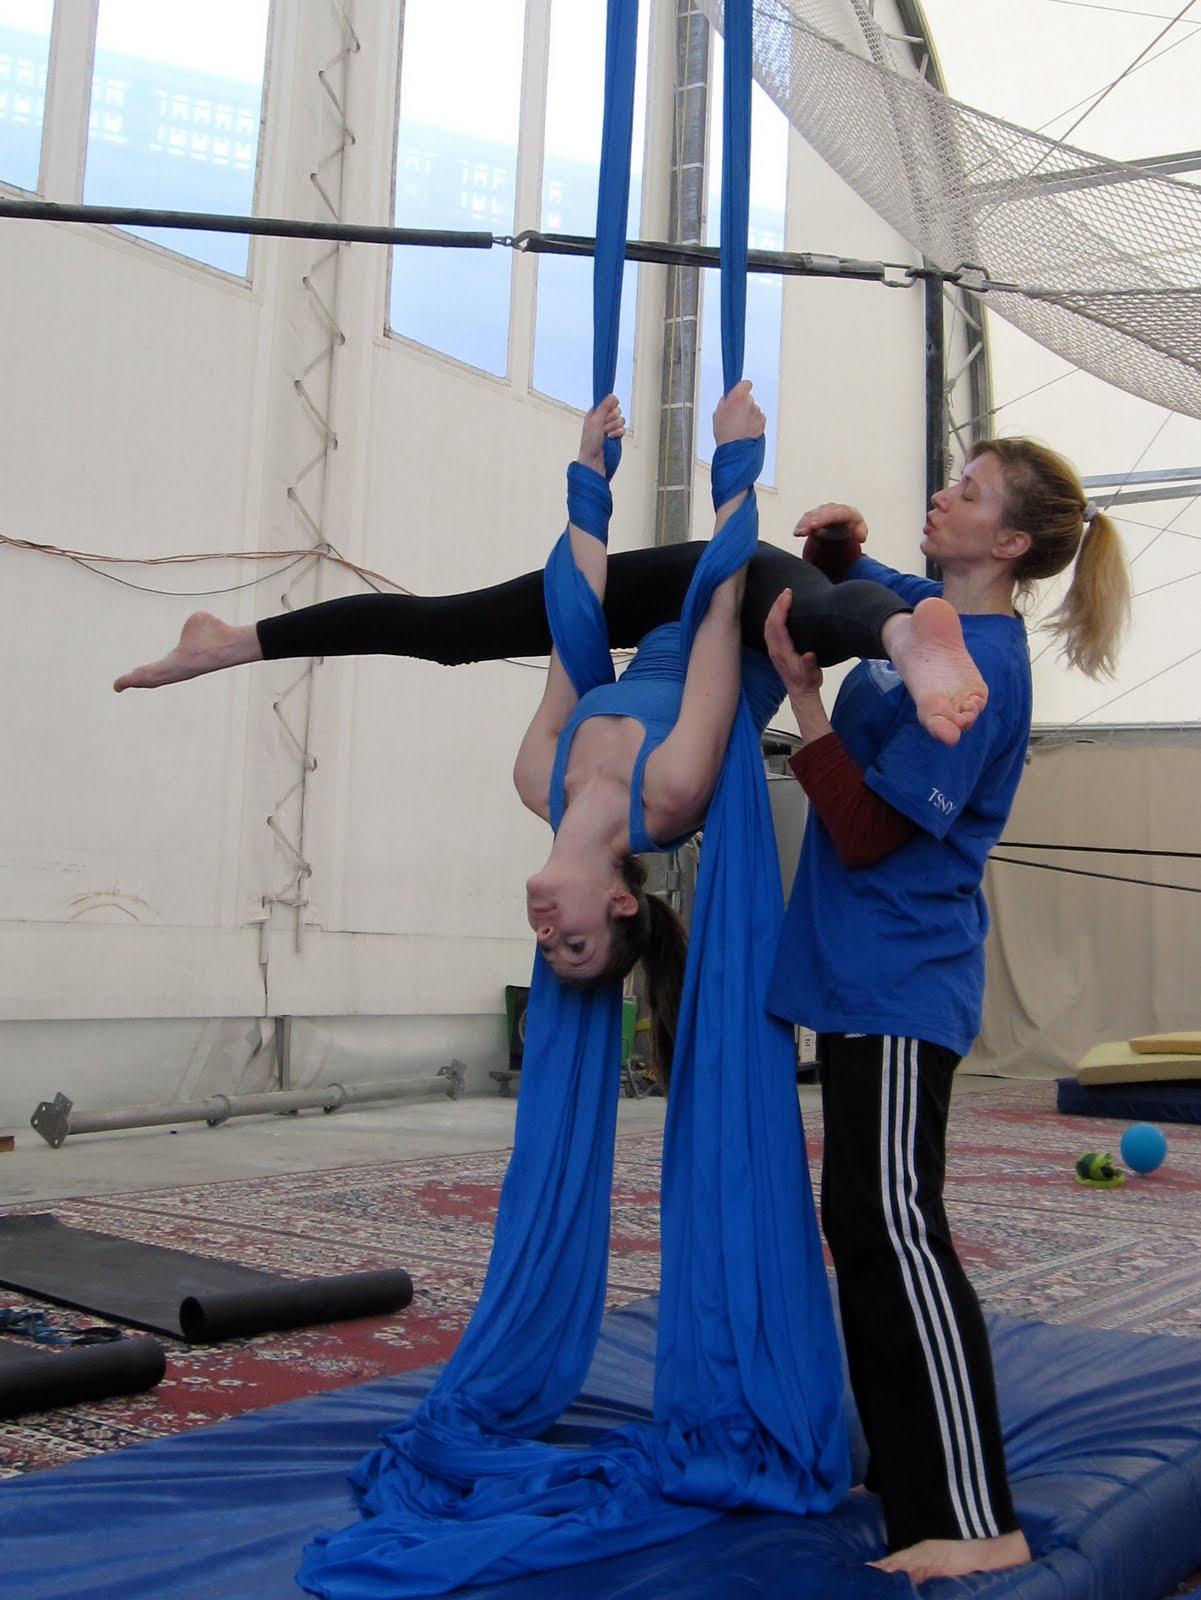 Aerial Silk Artist as an Aerial Silk Artist